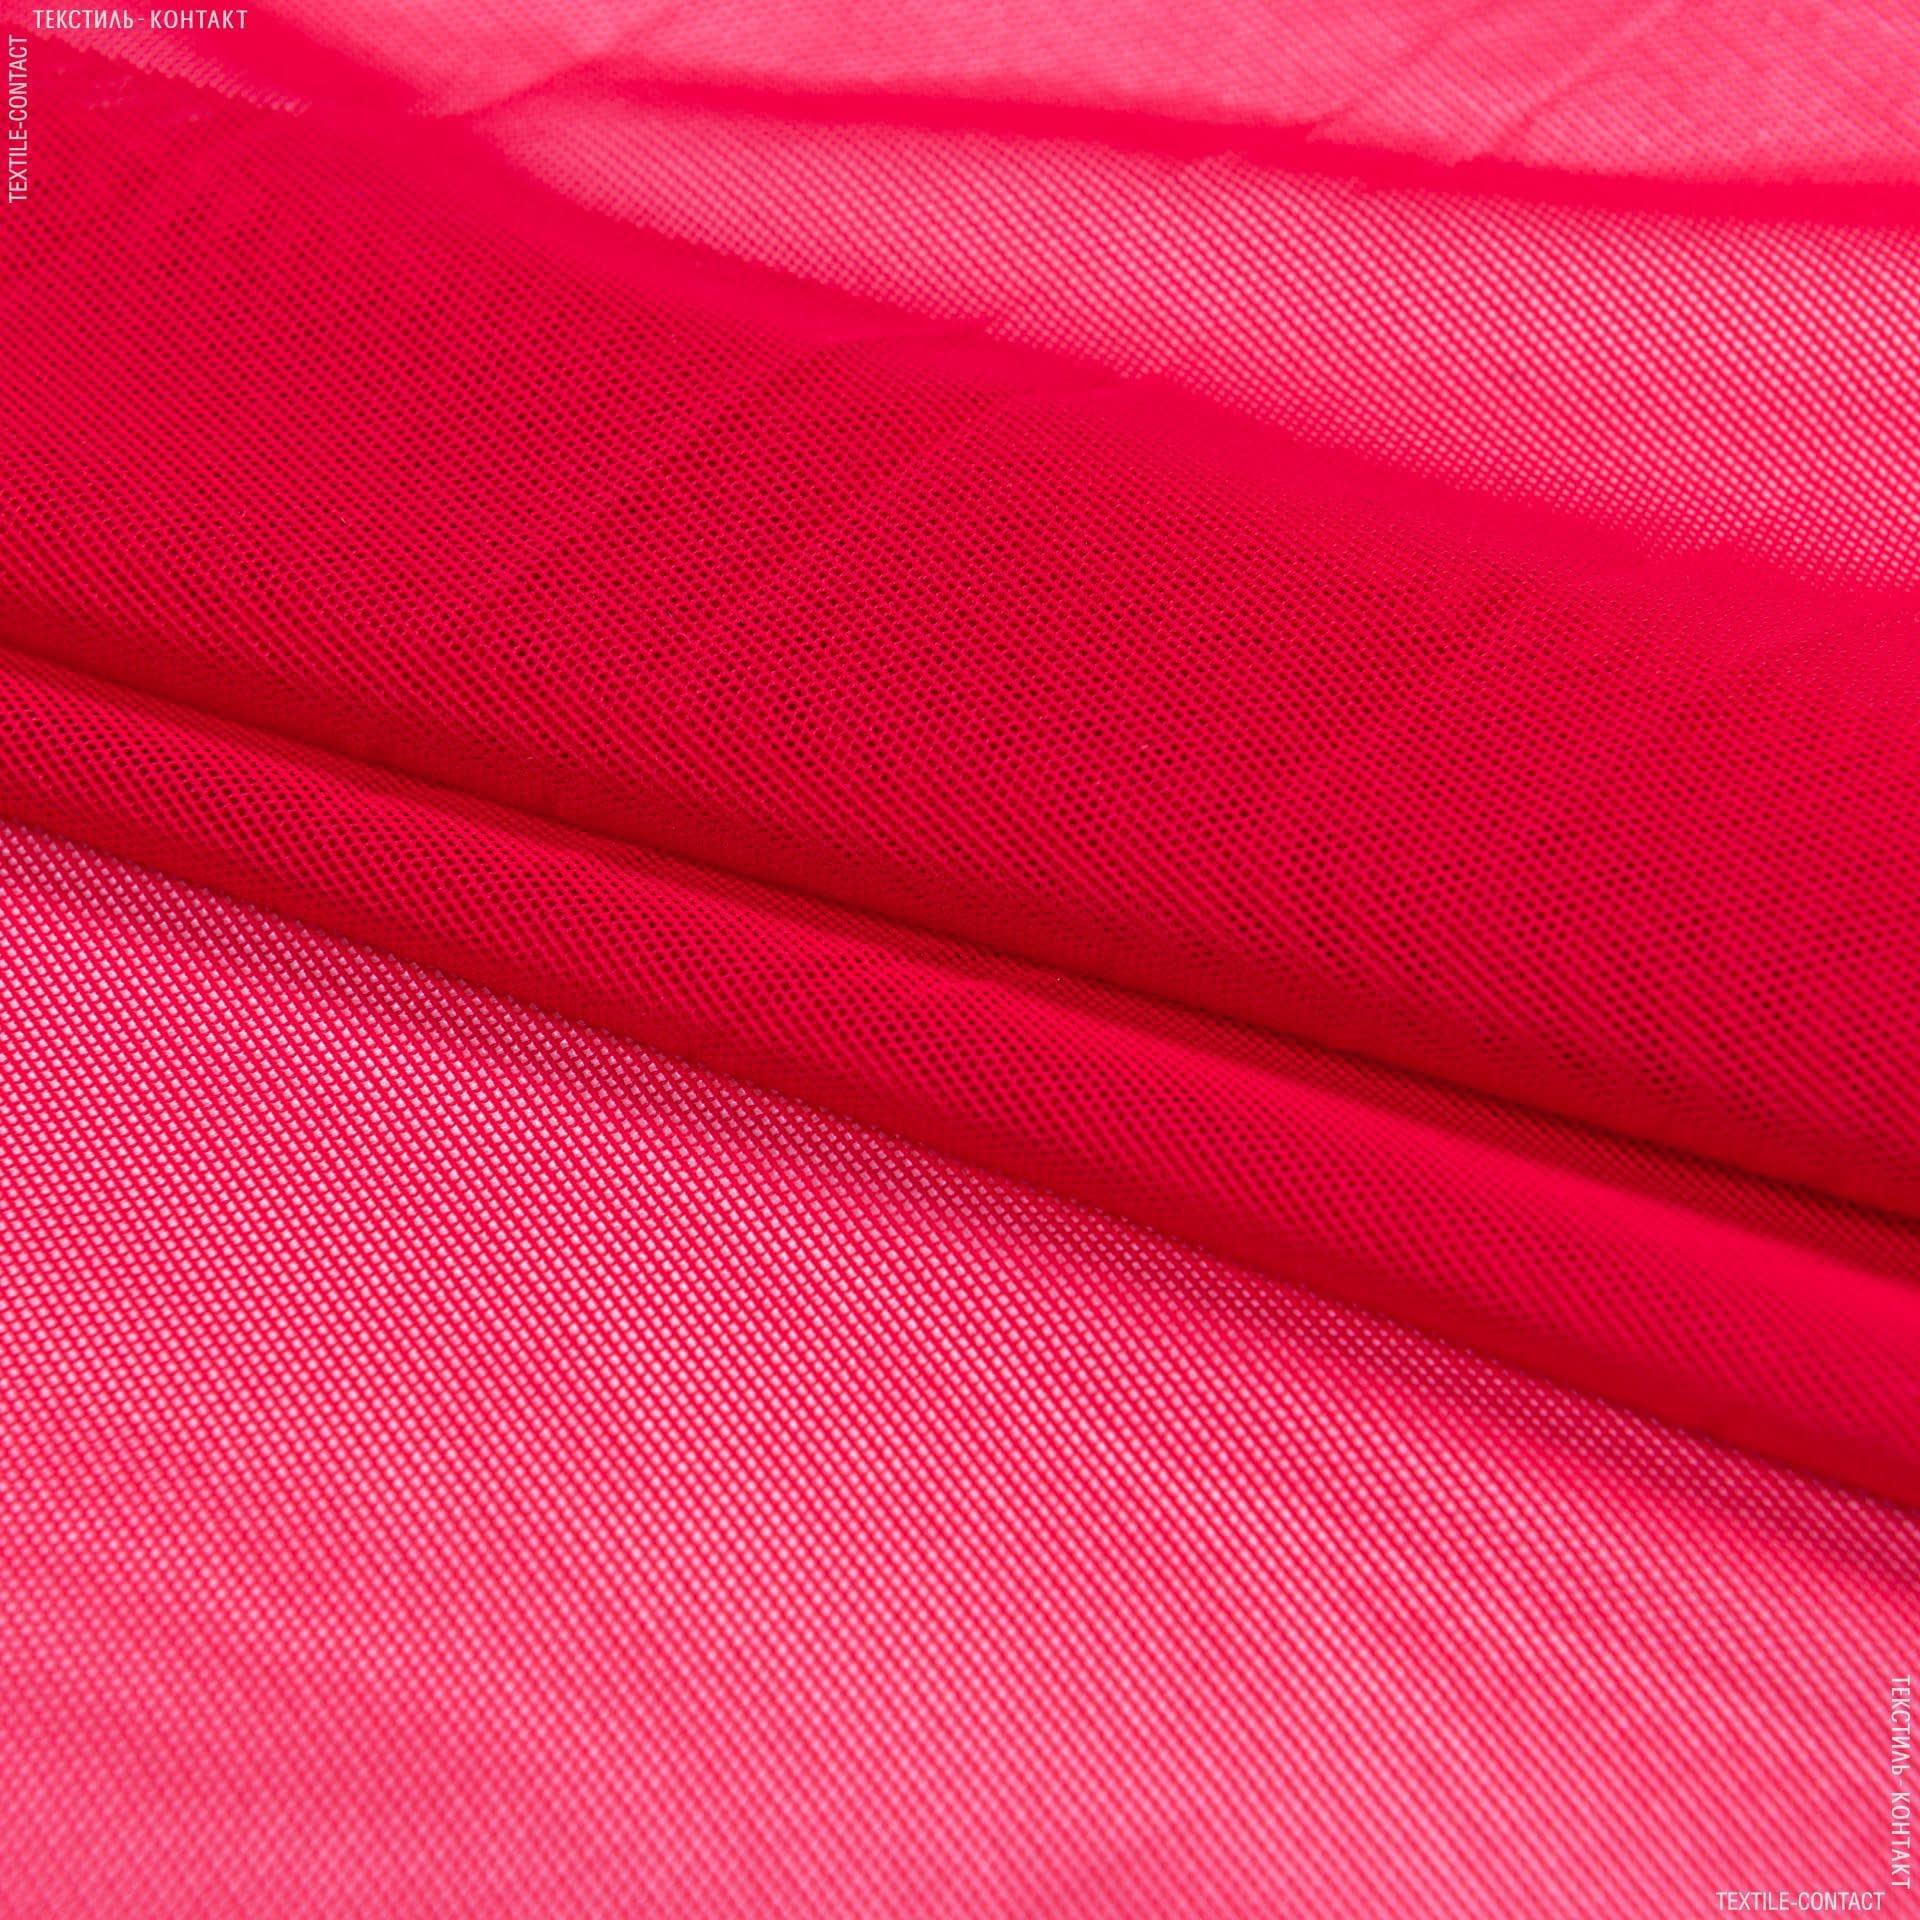 Ткани для спортивной одежды - Сетка стрейч красный